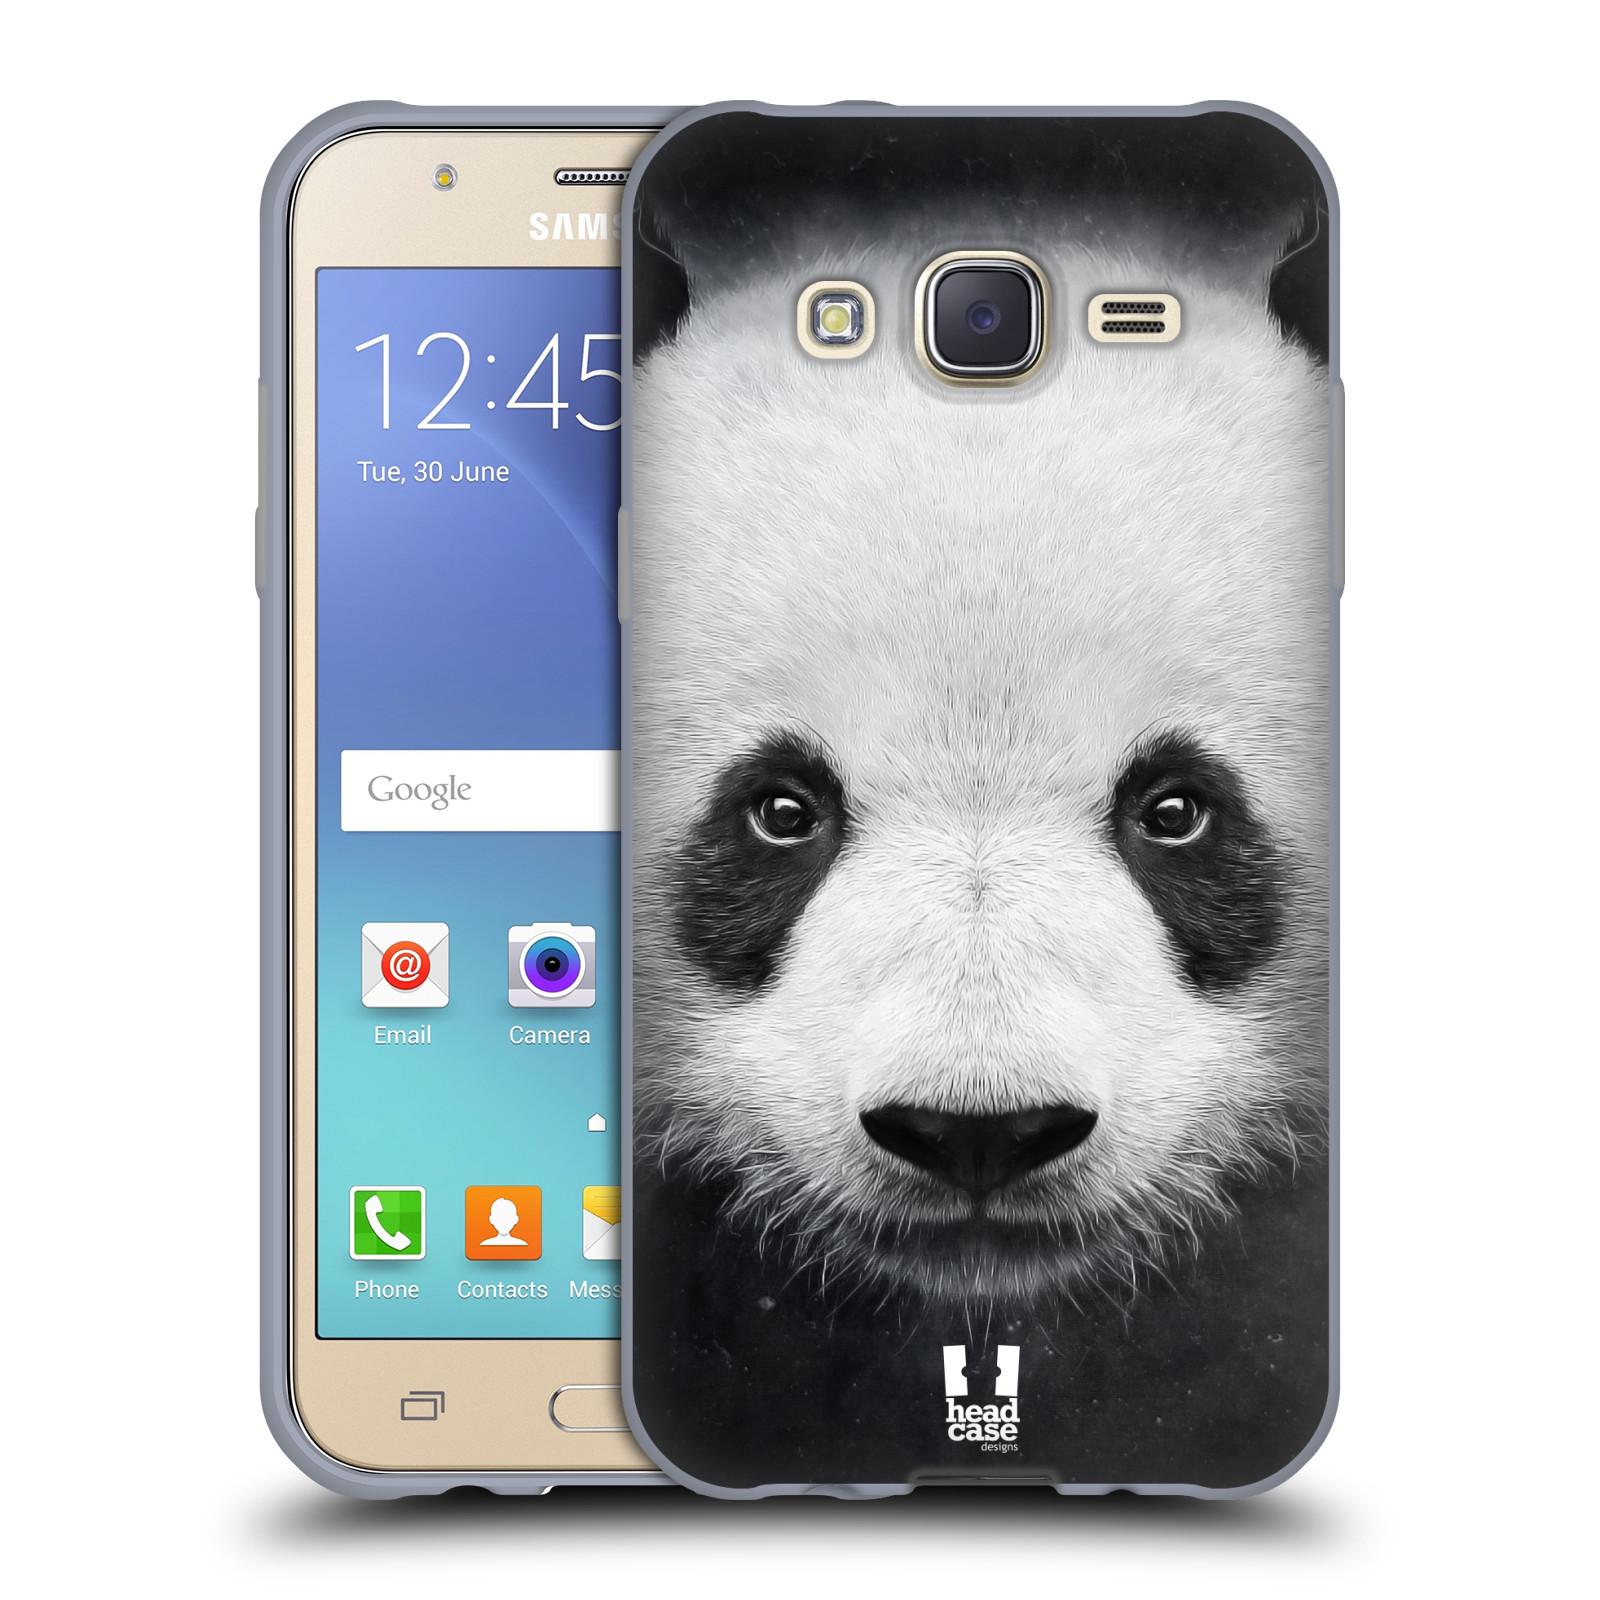 HEAD CASE silikonový obal na mobil Samsung Galaxy J5, J500, (J5 DUOS) vzor Zvířecí tváře medvěd panda